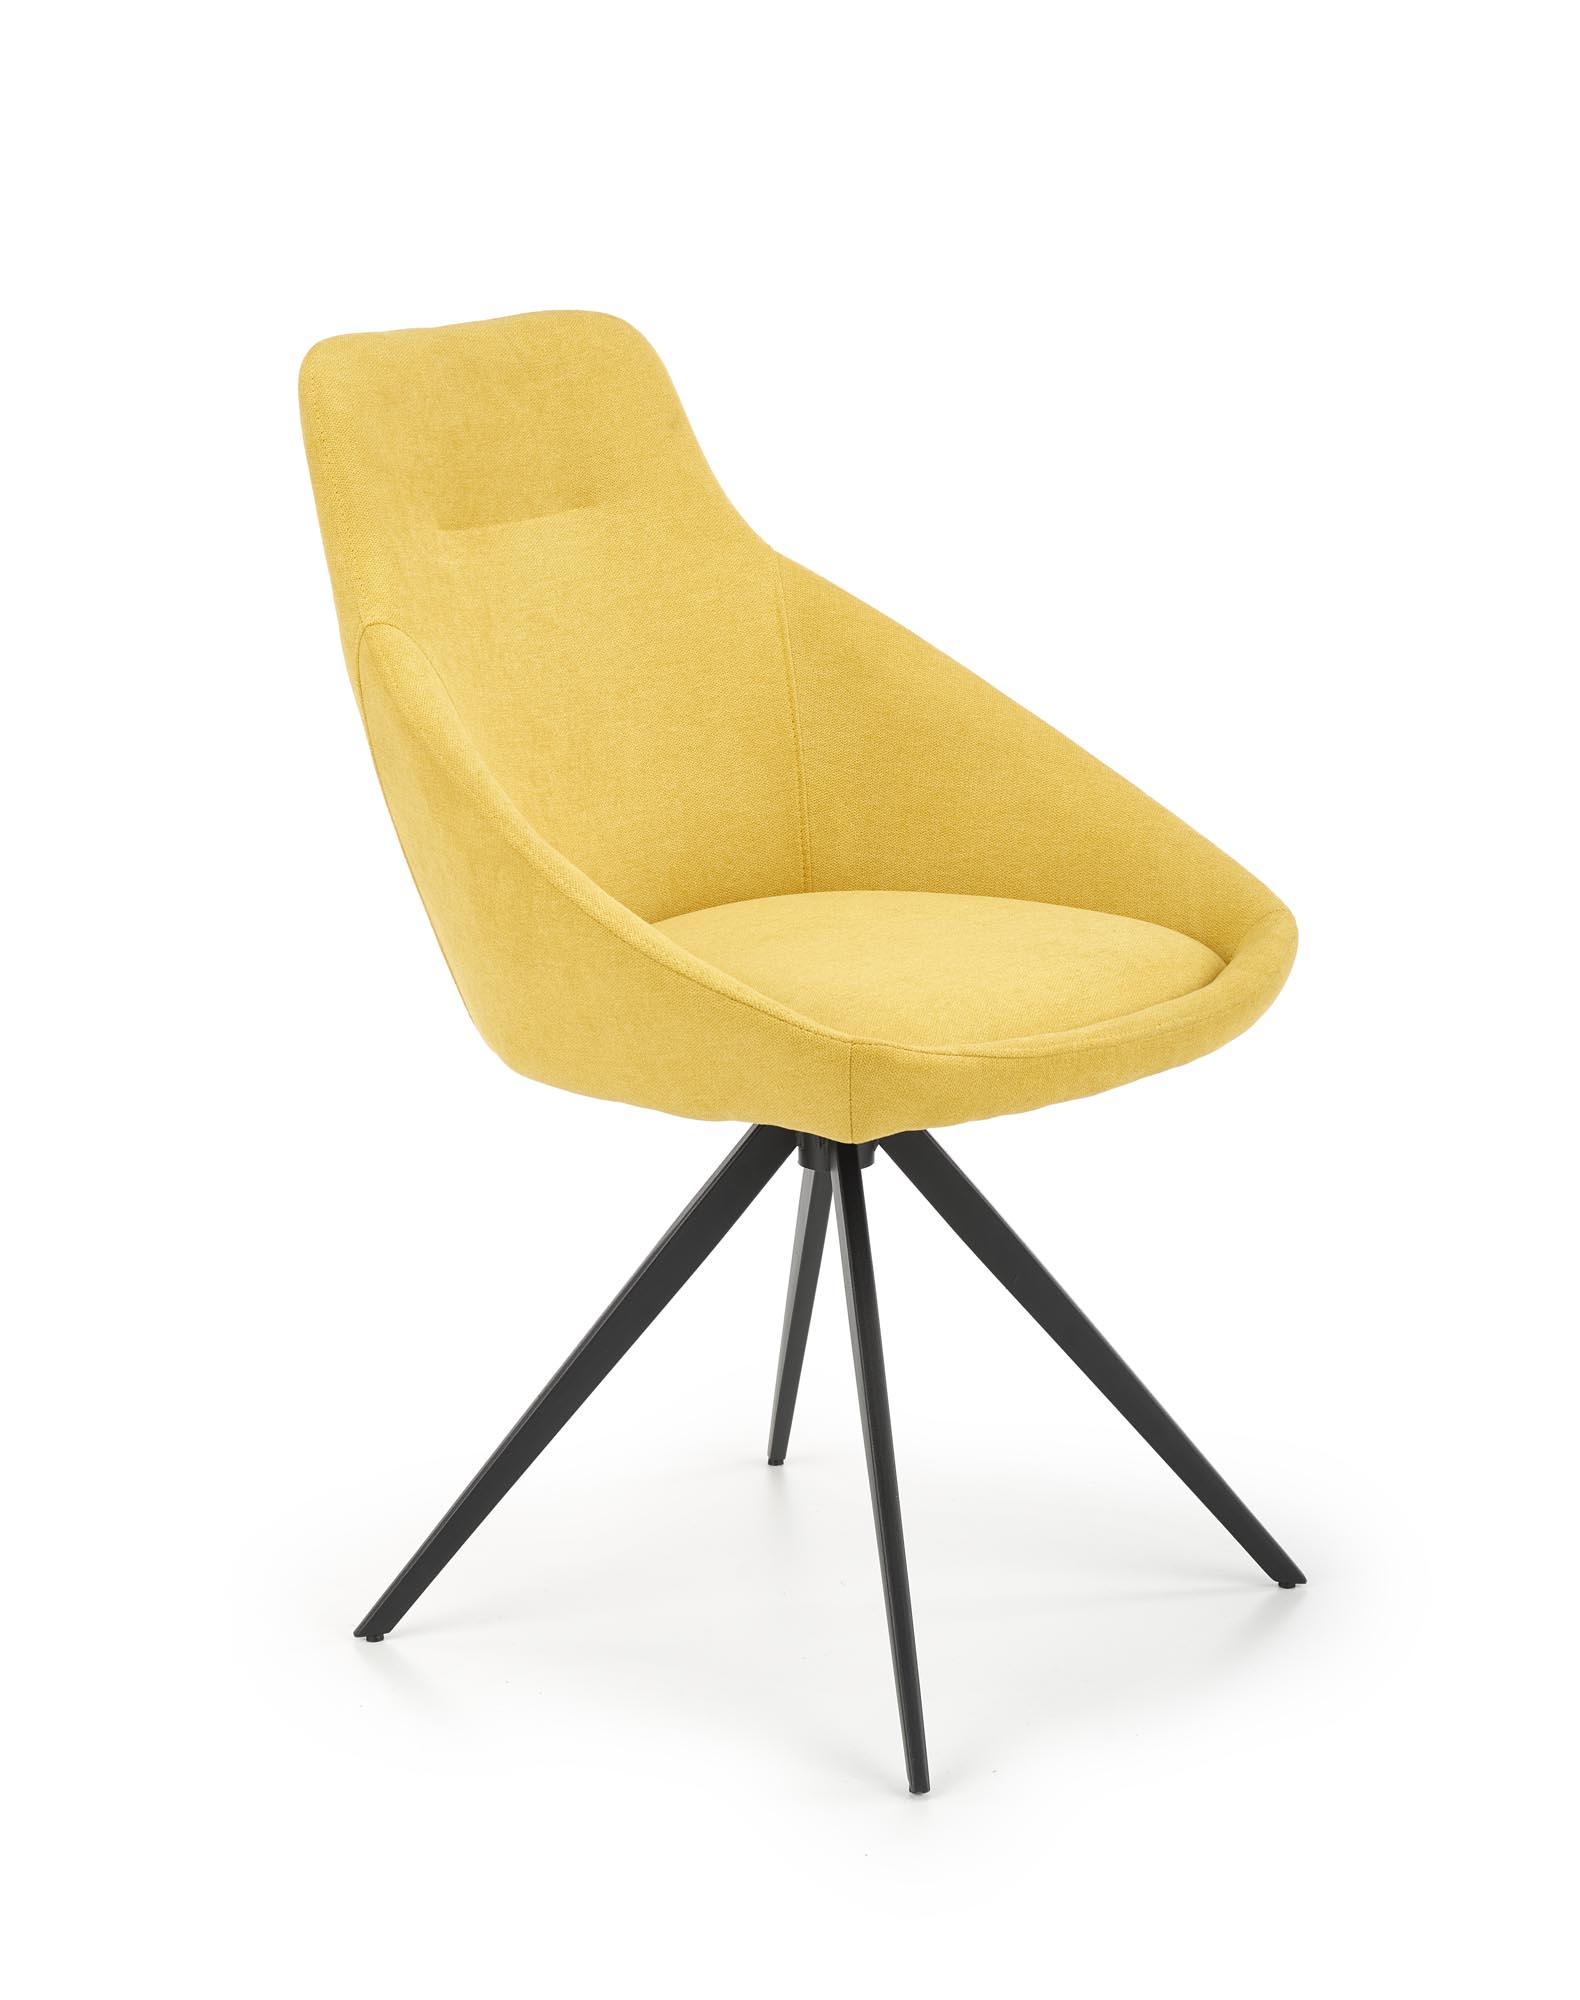 K431 krzesło żółty